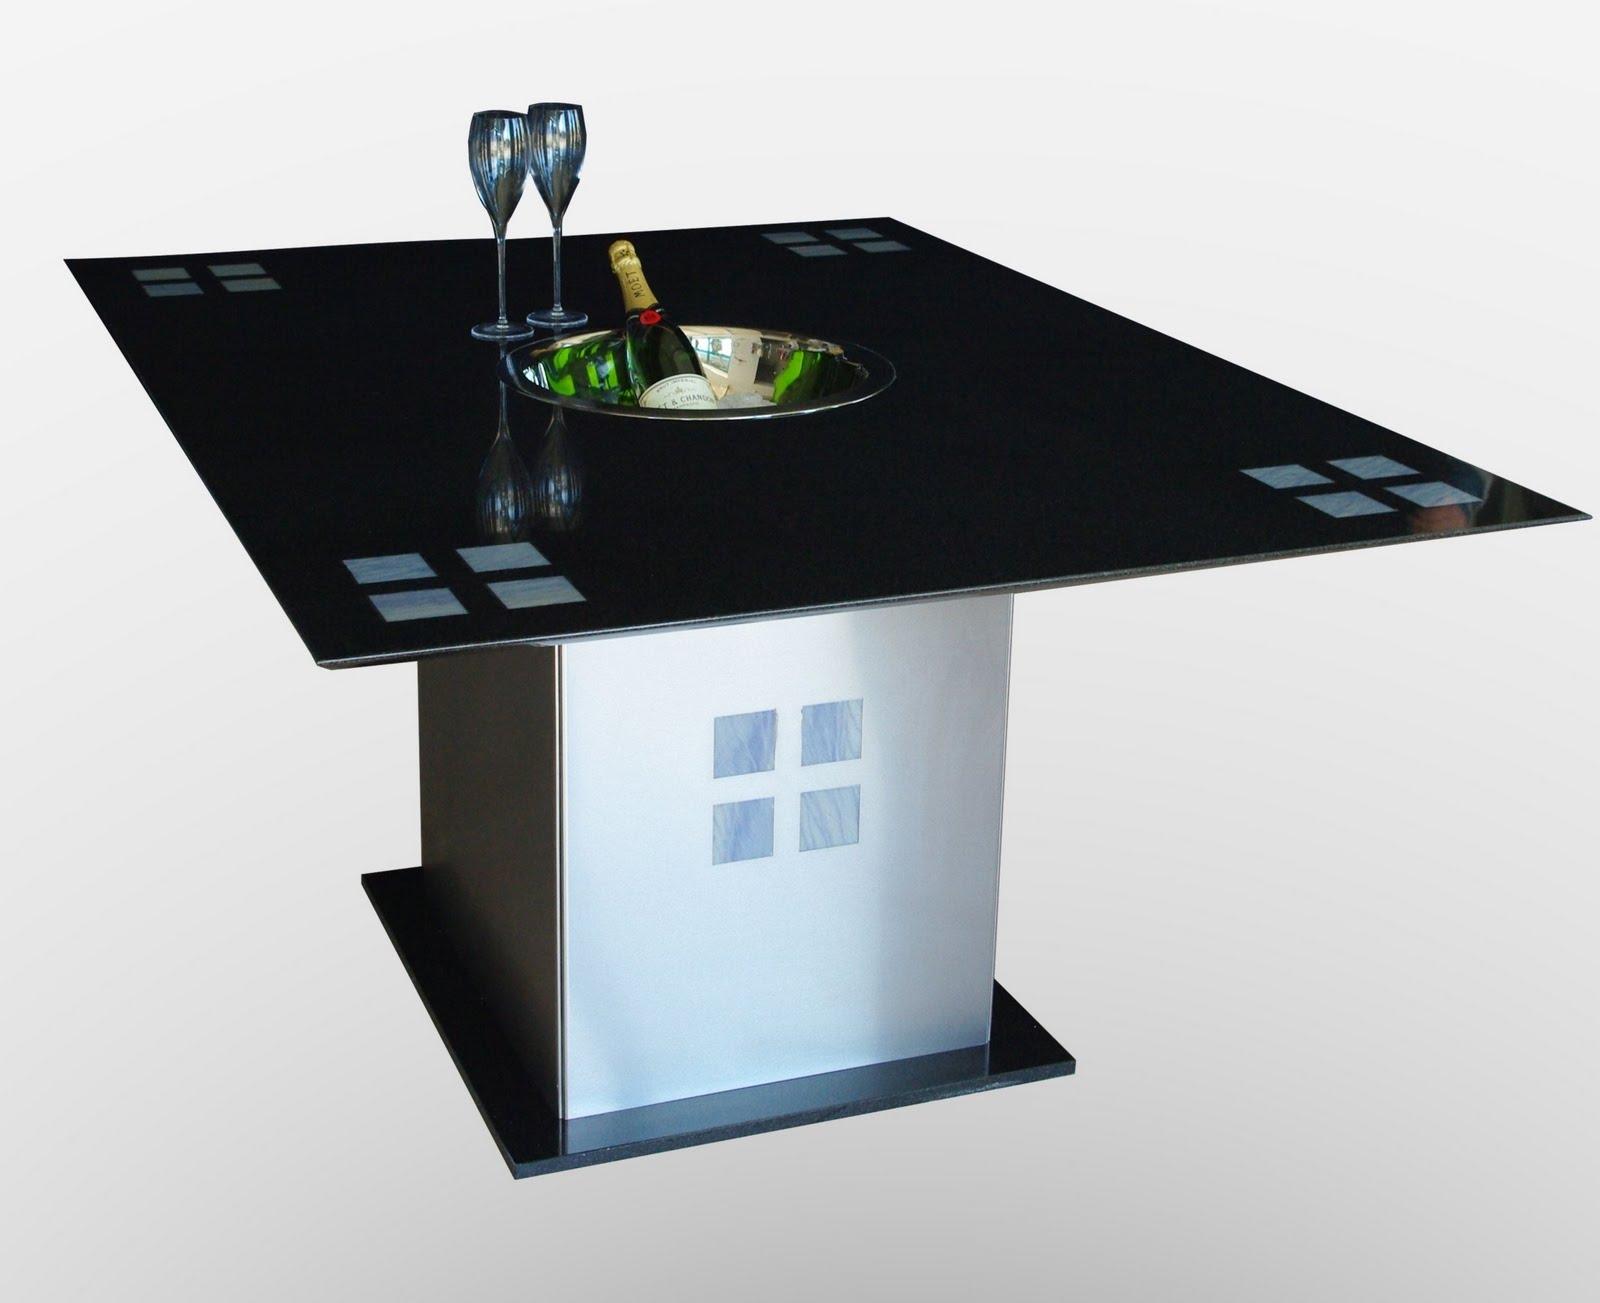 steintisch blog alles rund um tische aus naturstein april 2010. Black Bedroom Furniture Sets. Home Design Ideas